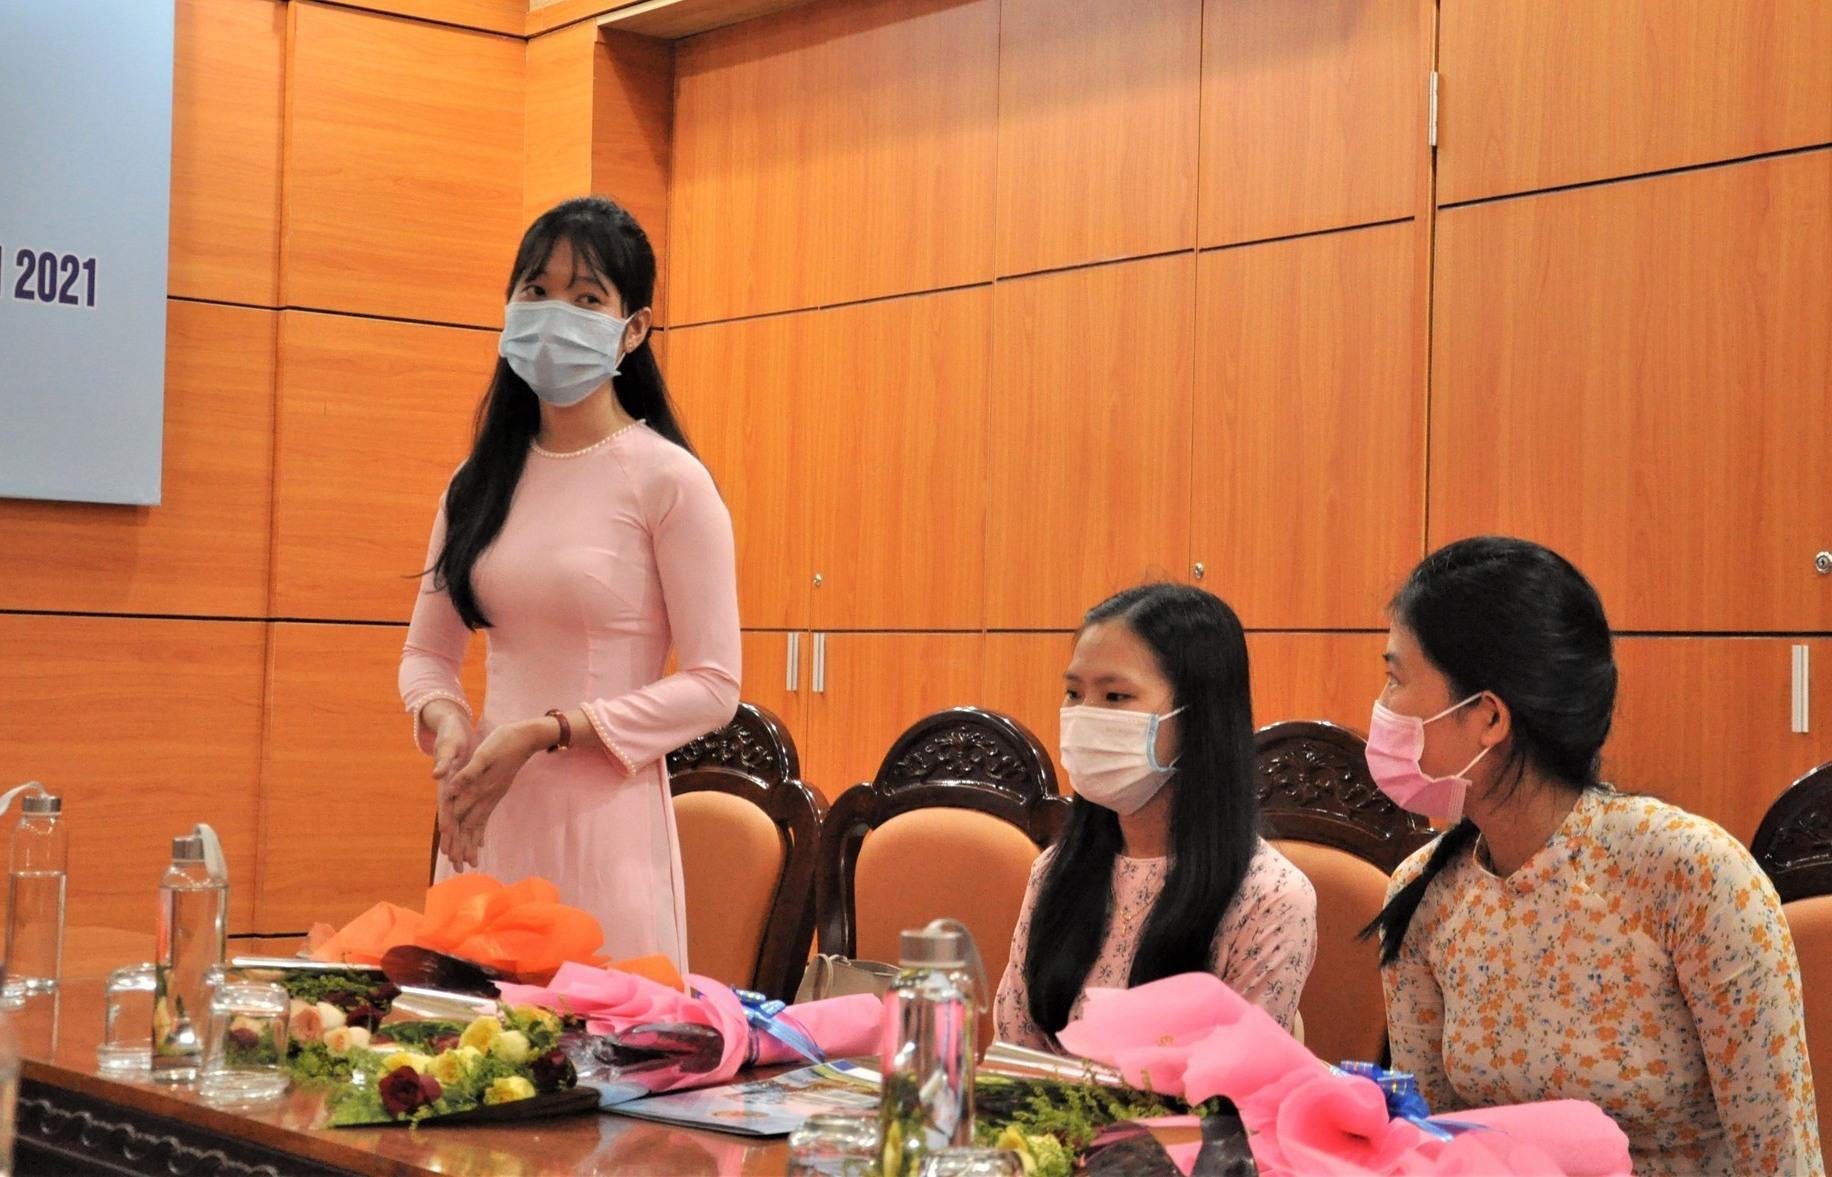 Sinh viên trúng tuyển phát biểu bày tỏ lời cám ơn đến lãnh đạo Sở GD-ĐT đã quan tâm, tạo điều kiện cho sinh viên trở thành các nhà giáo của ngành GD-ĐT Quảng Nam. Ảnh: X.P